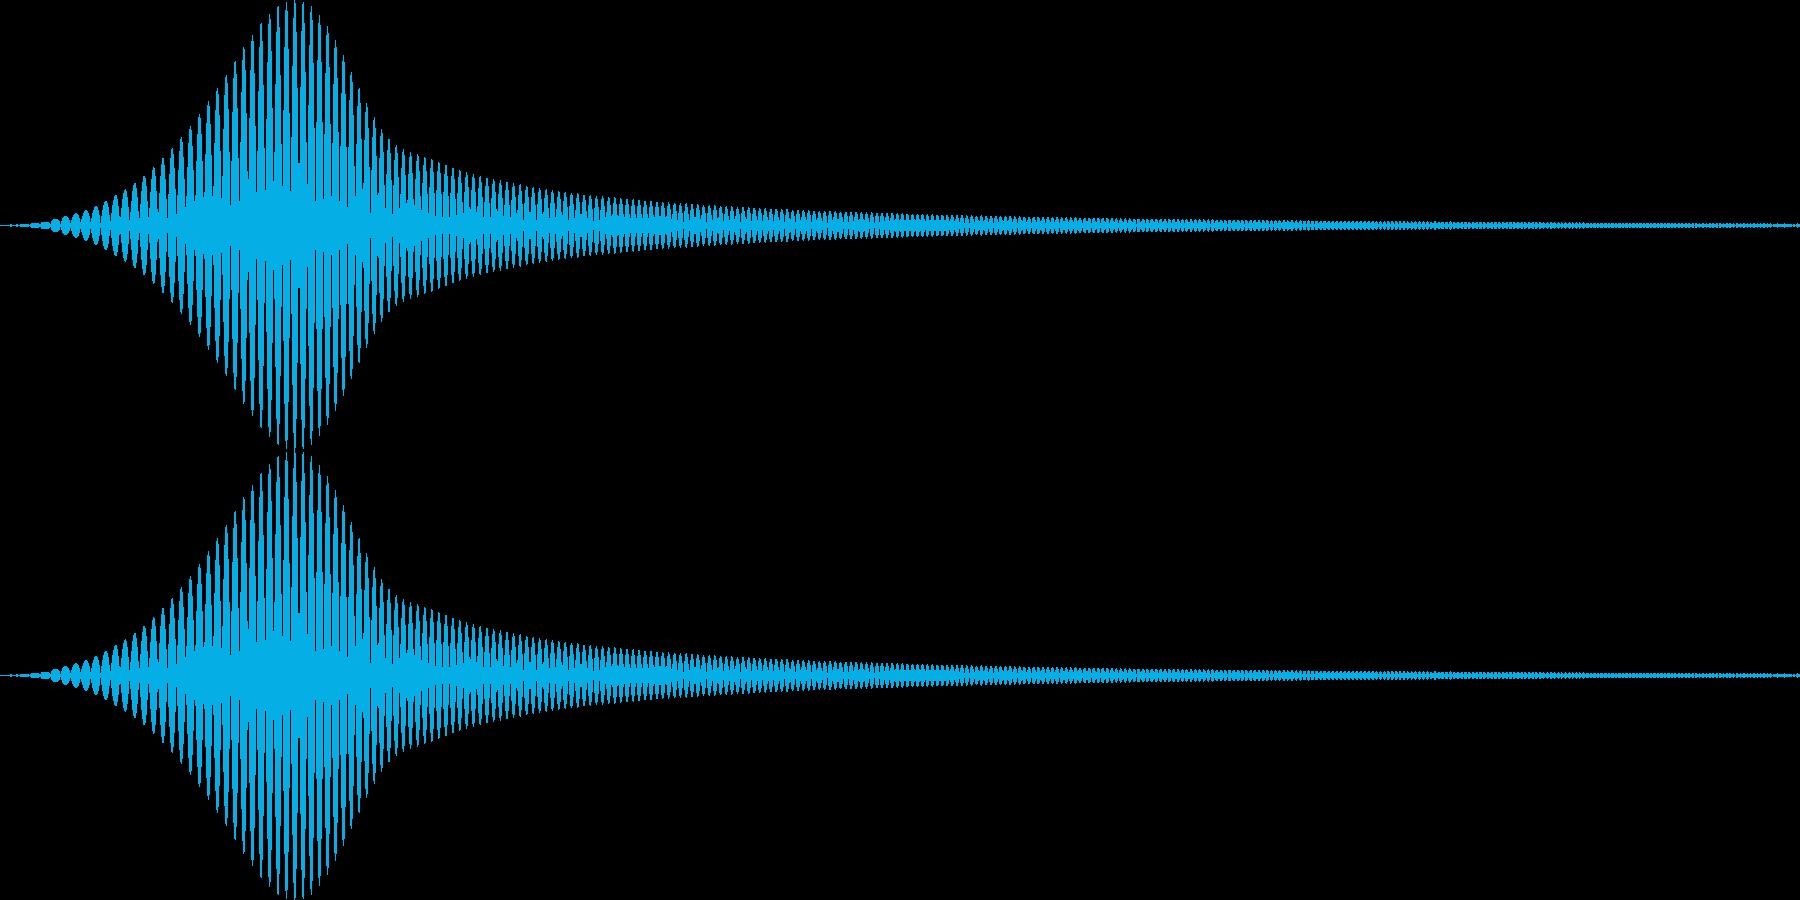 ピュイ 柔らかいカーソル音 UIの再生済みの波形